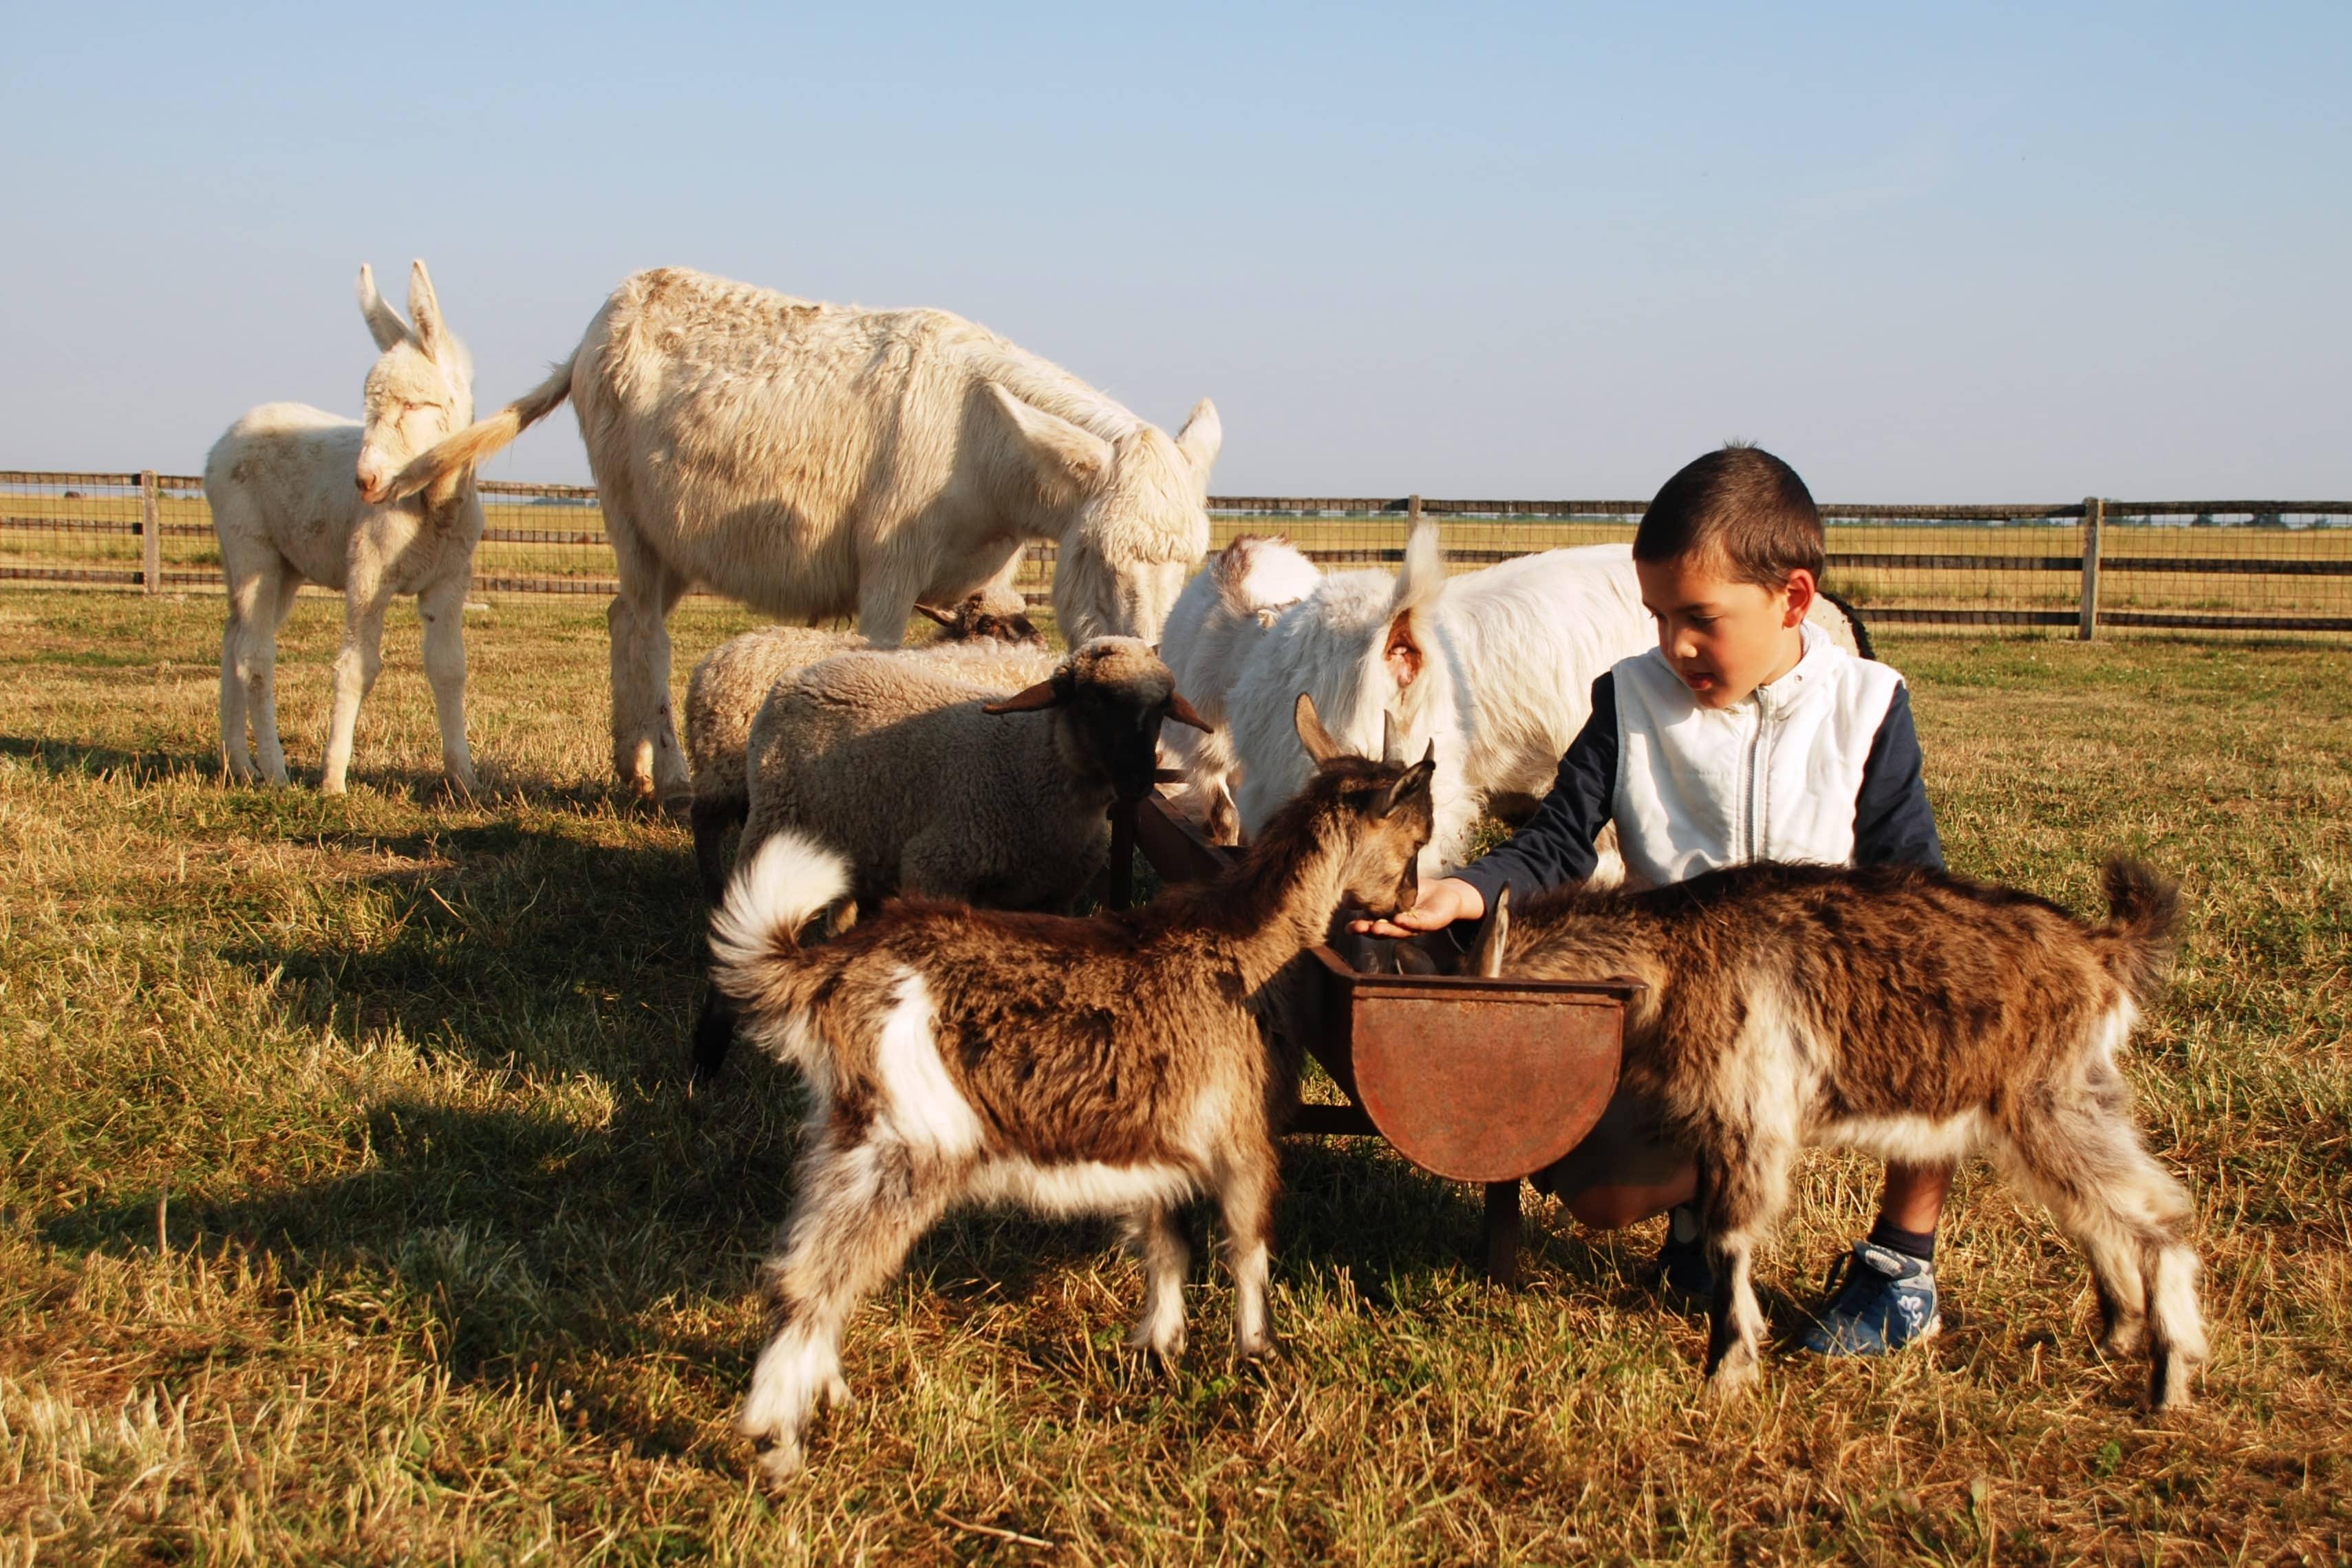 A hosszú hétvége Hajdúszoboszlón most azért sem rossz ötlet, mert például a Pusztai Állatparkban most ünneplik az állatok világnapját. És még ezen kívül is van mit nézni, csinálni!